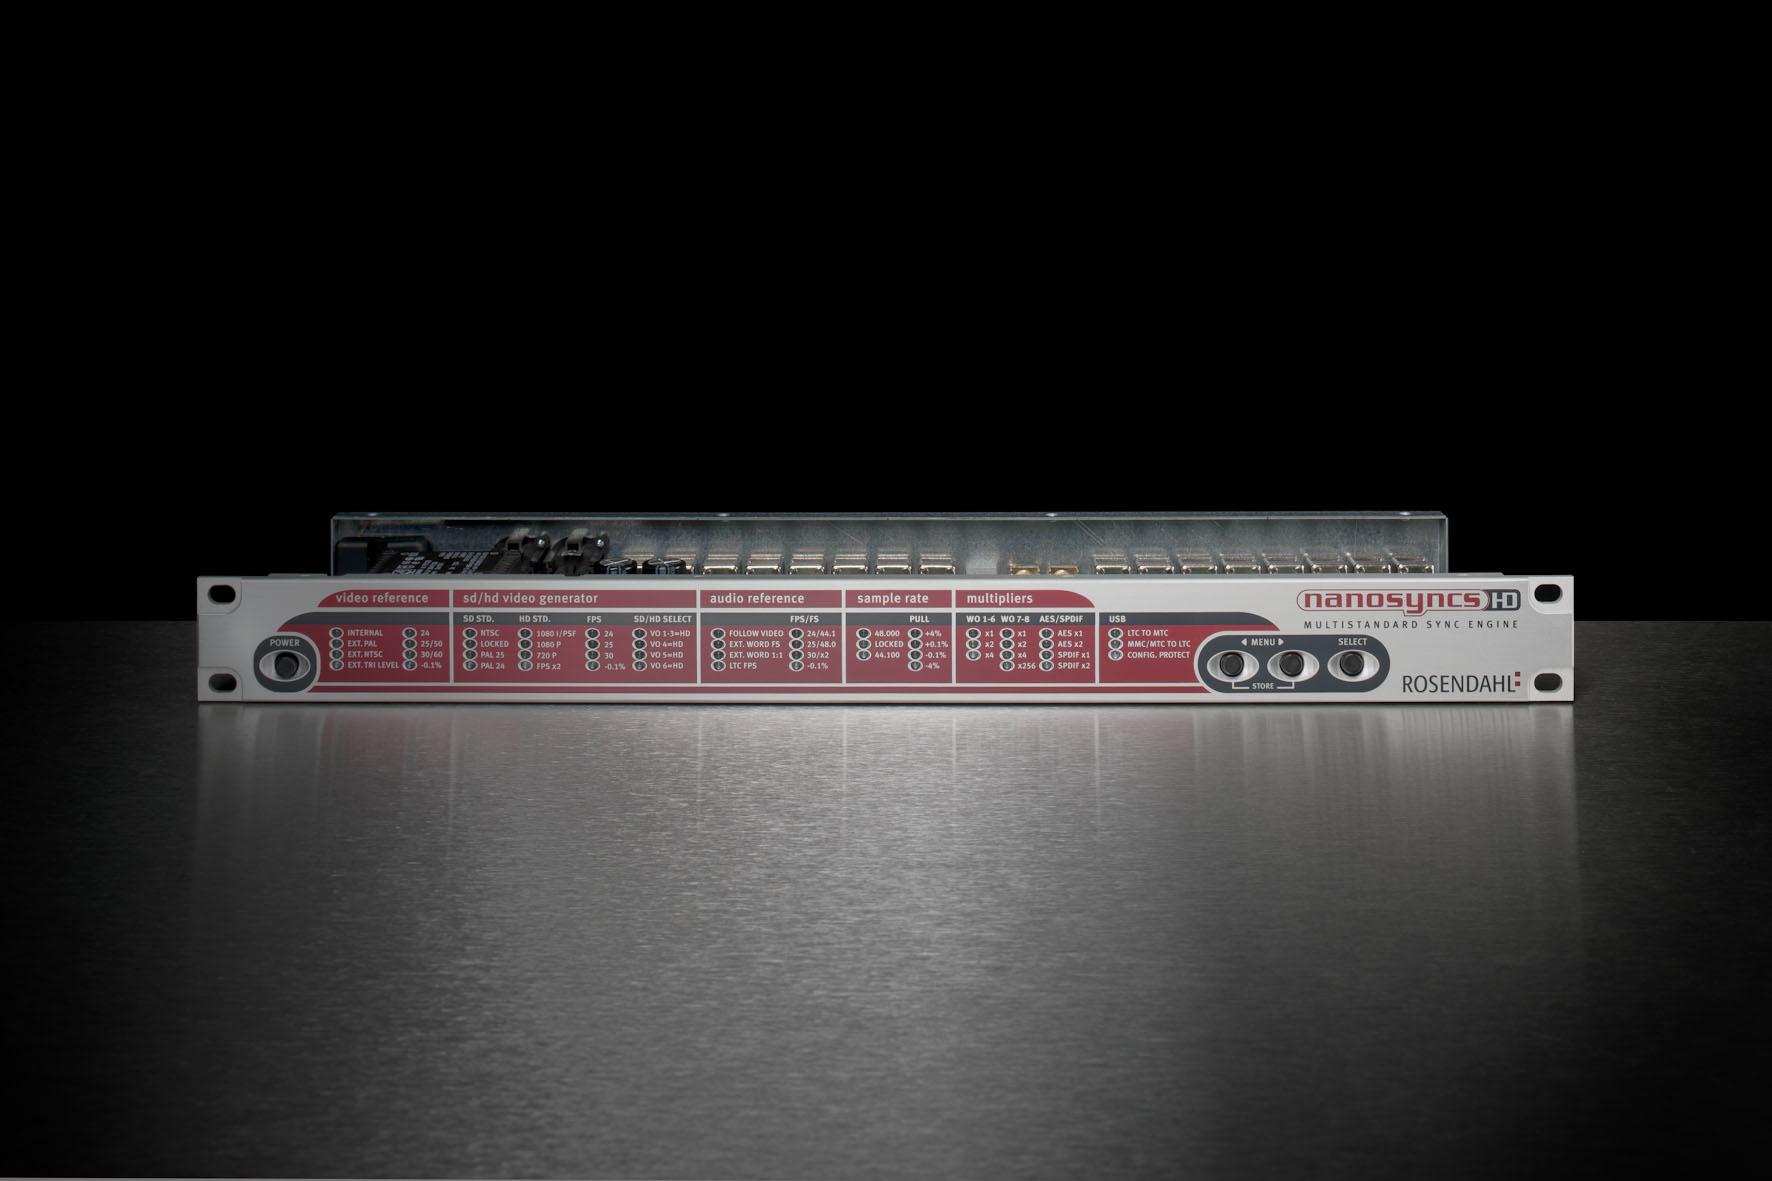 Einschubgehäuse in der Frontansicht mit rot-schwarzer Beschriftung auf der Frontplatte und mehreren Knöpfen.